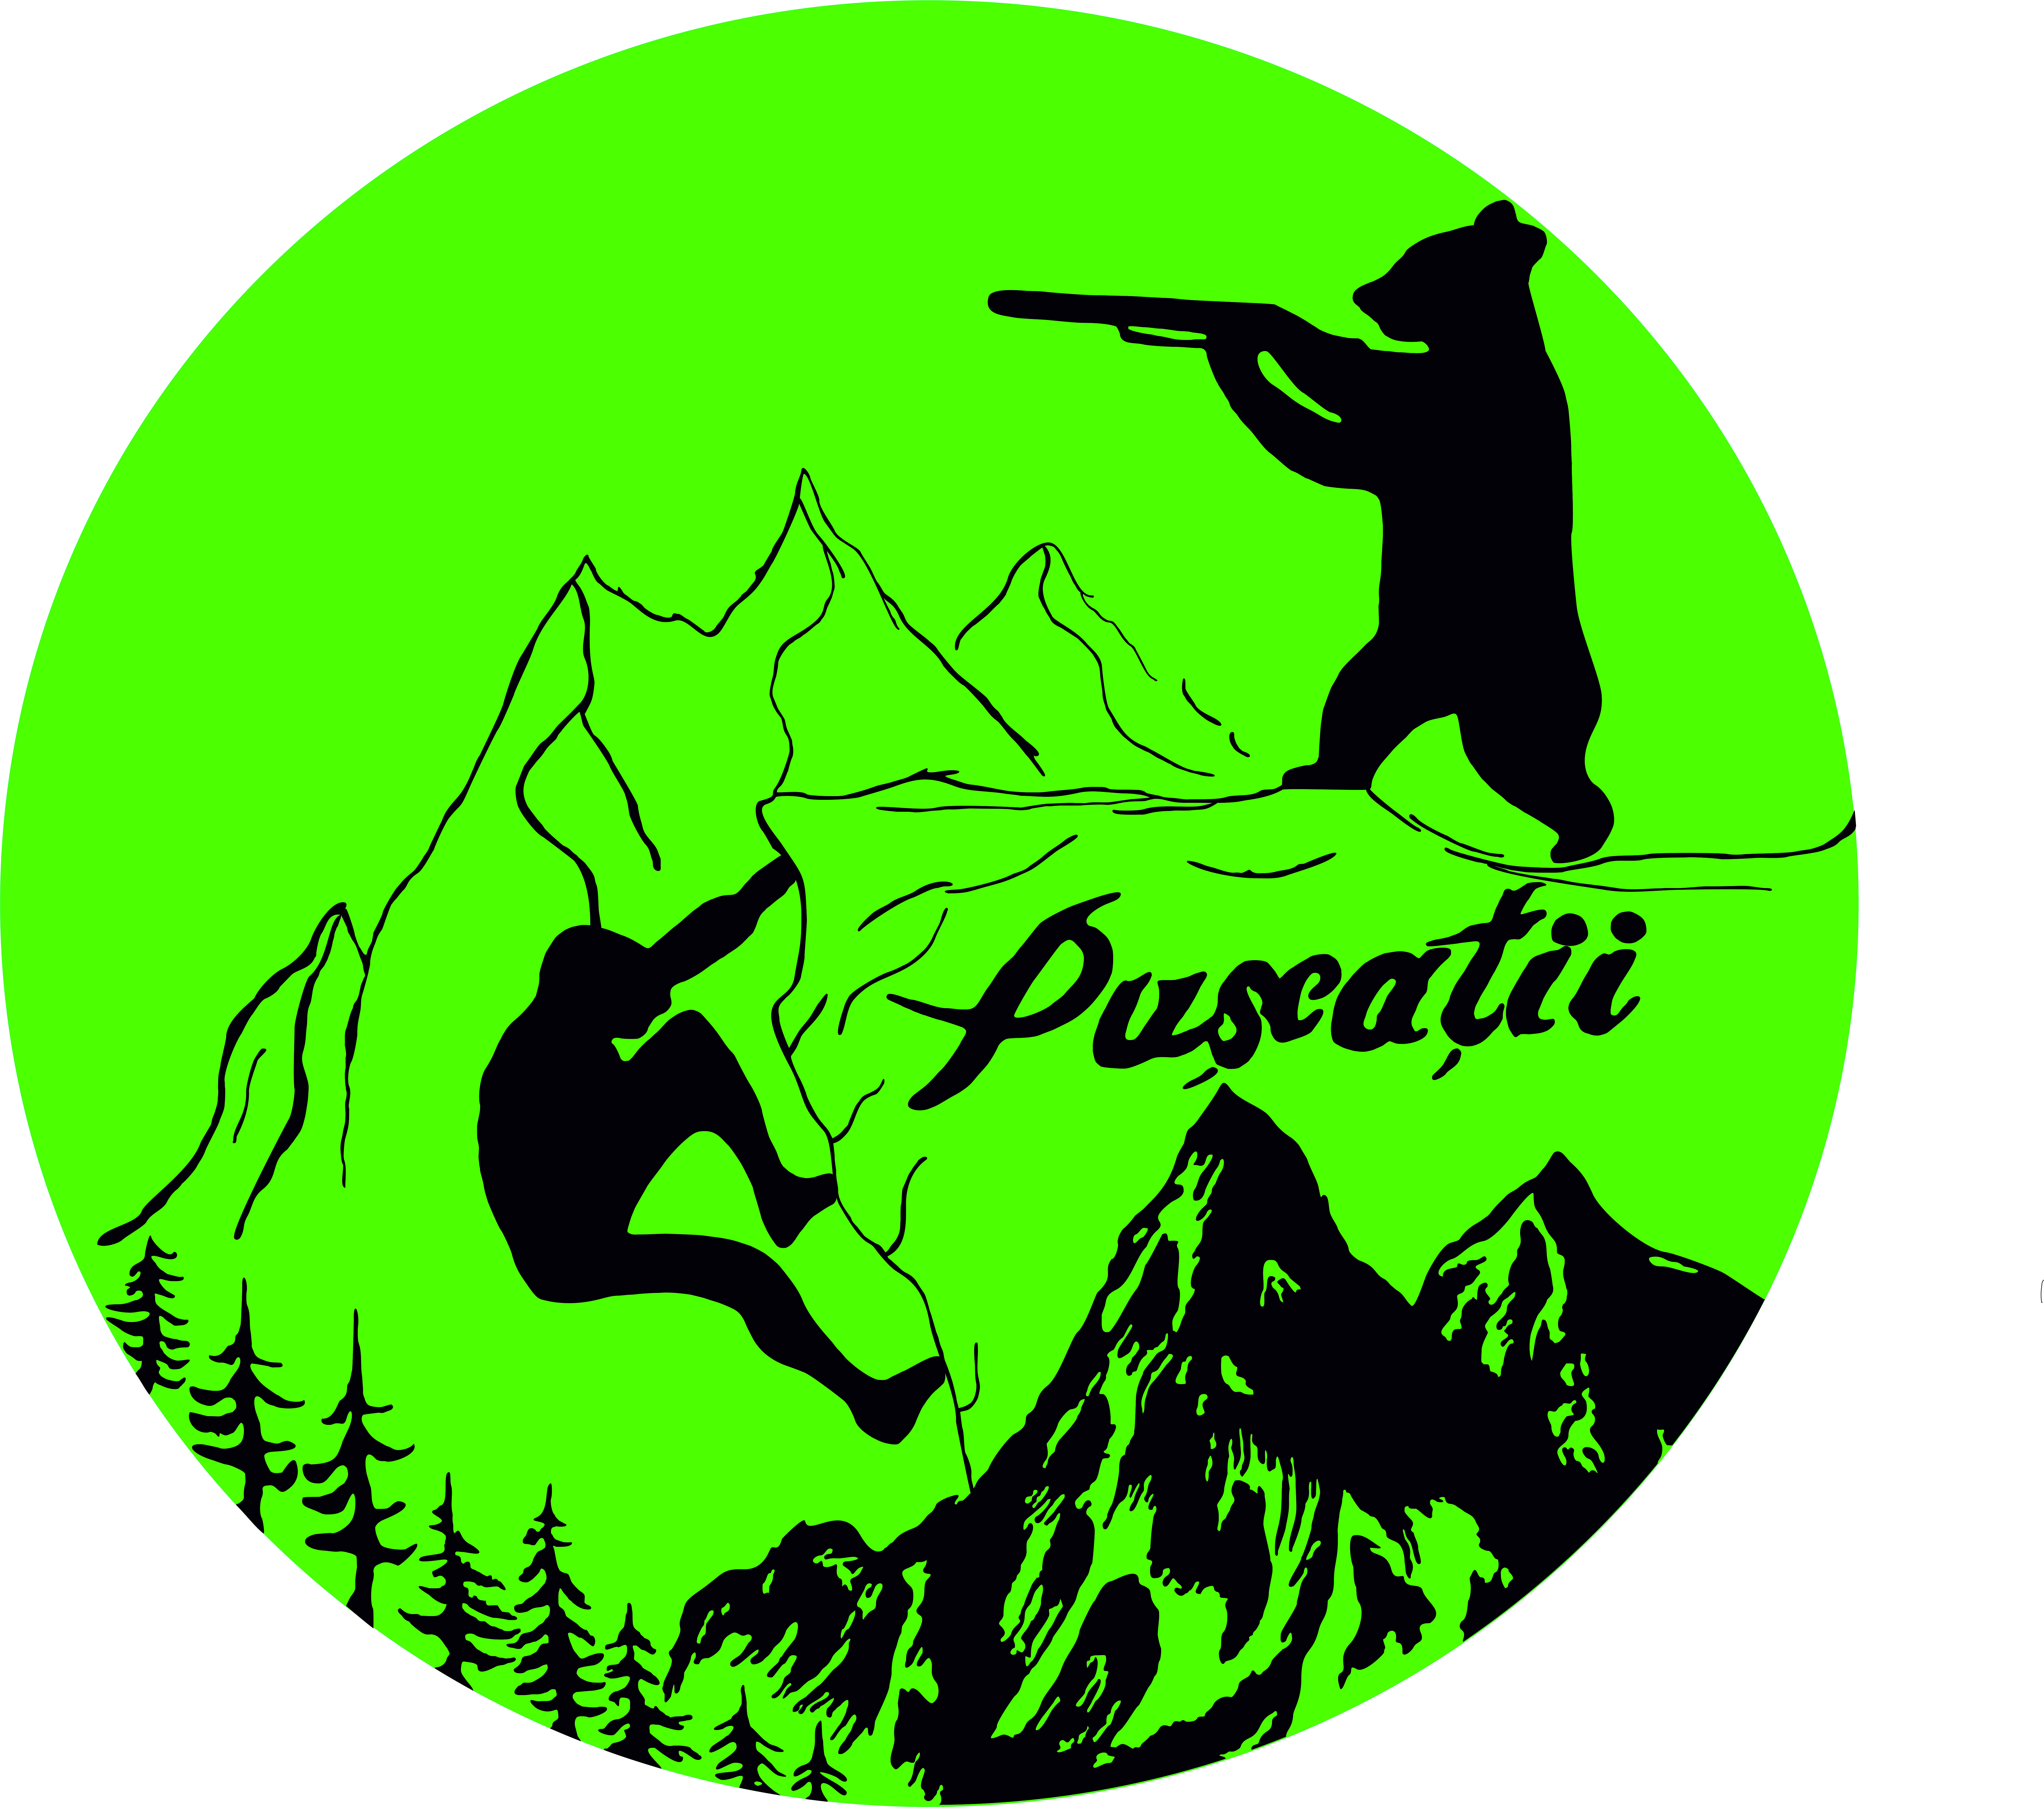 Asociatia Exploratorilor Puscatii logo